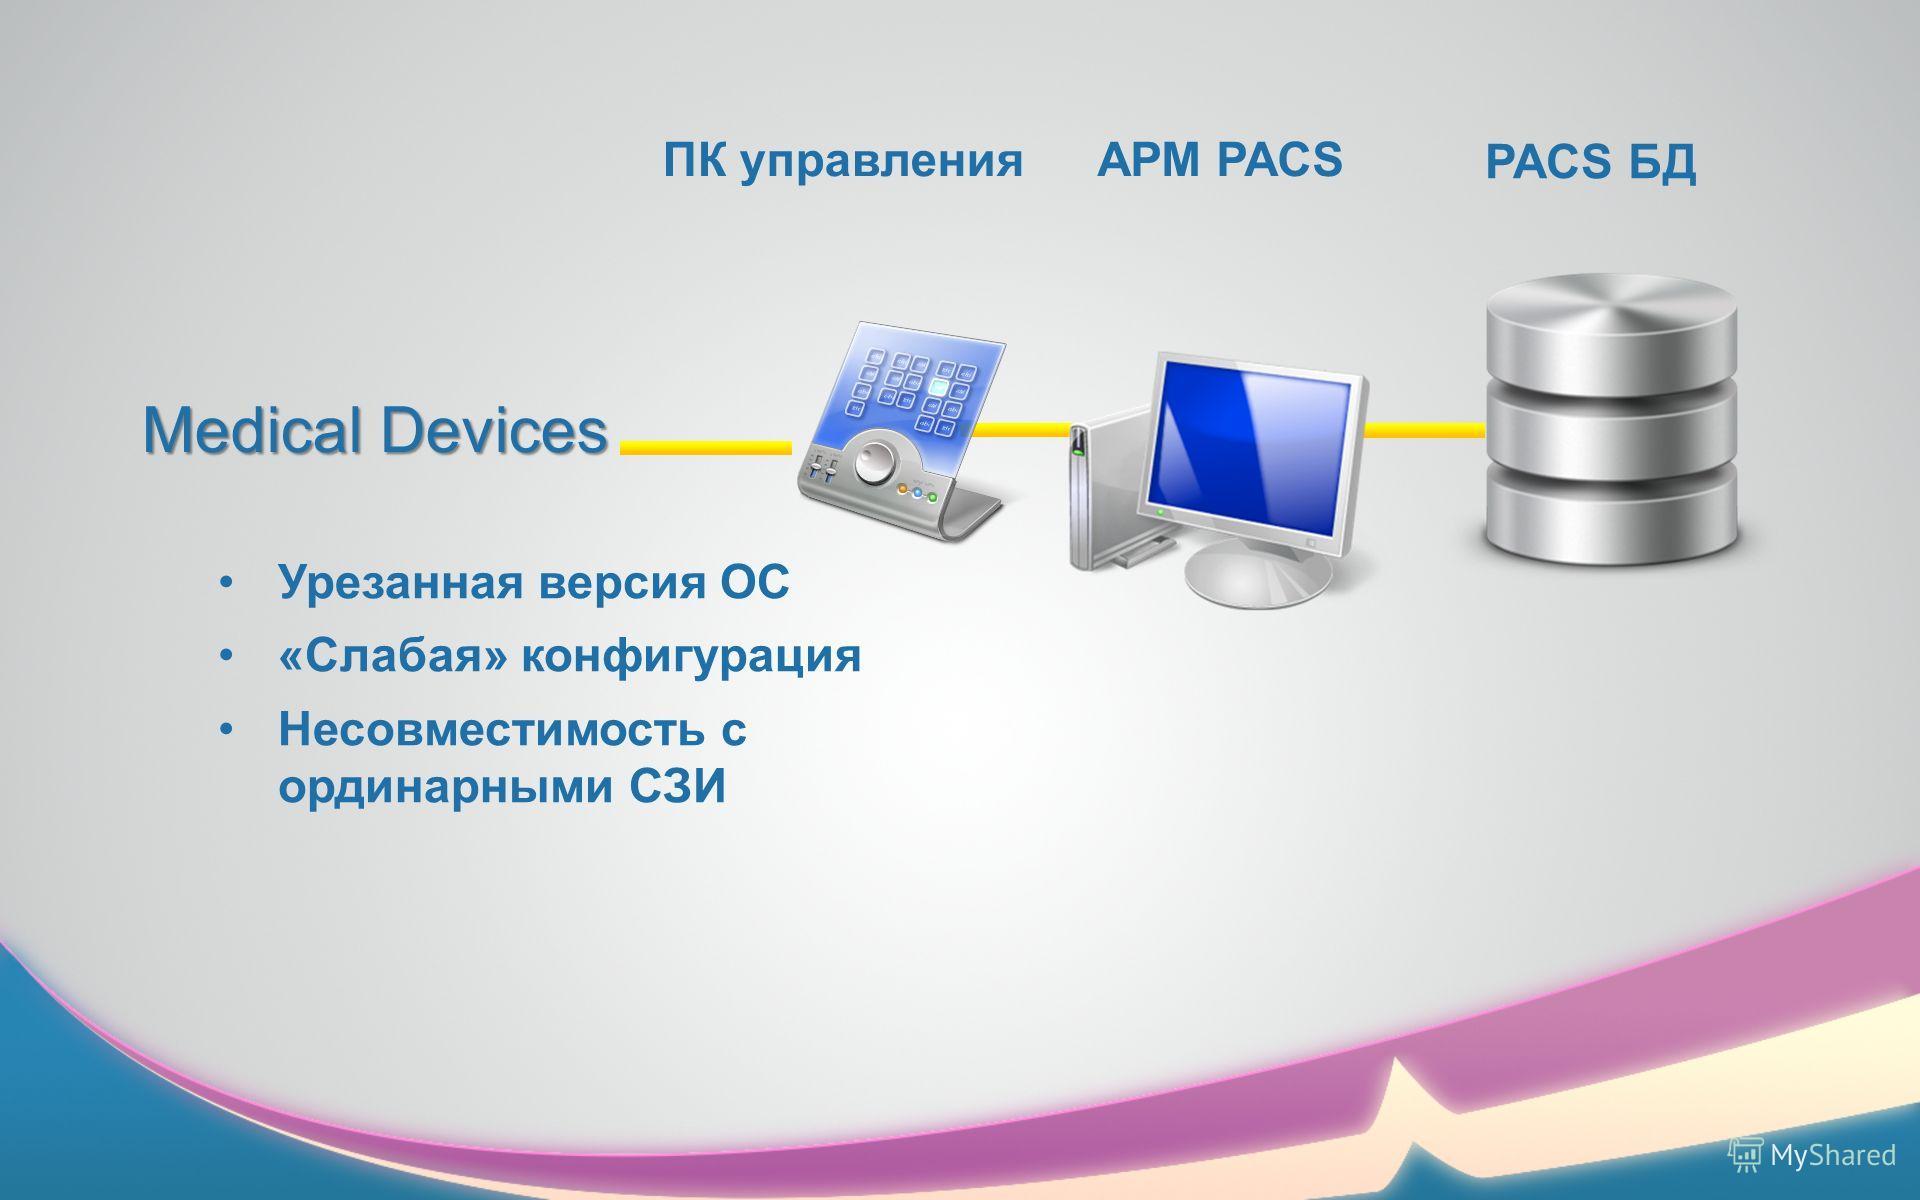 АРМ PACS PACS БД Medical Devices ПК управления Урезанная версия ОС «Слабая» конфигурация Несовместимость с ординарными СЗИ